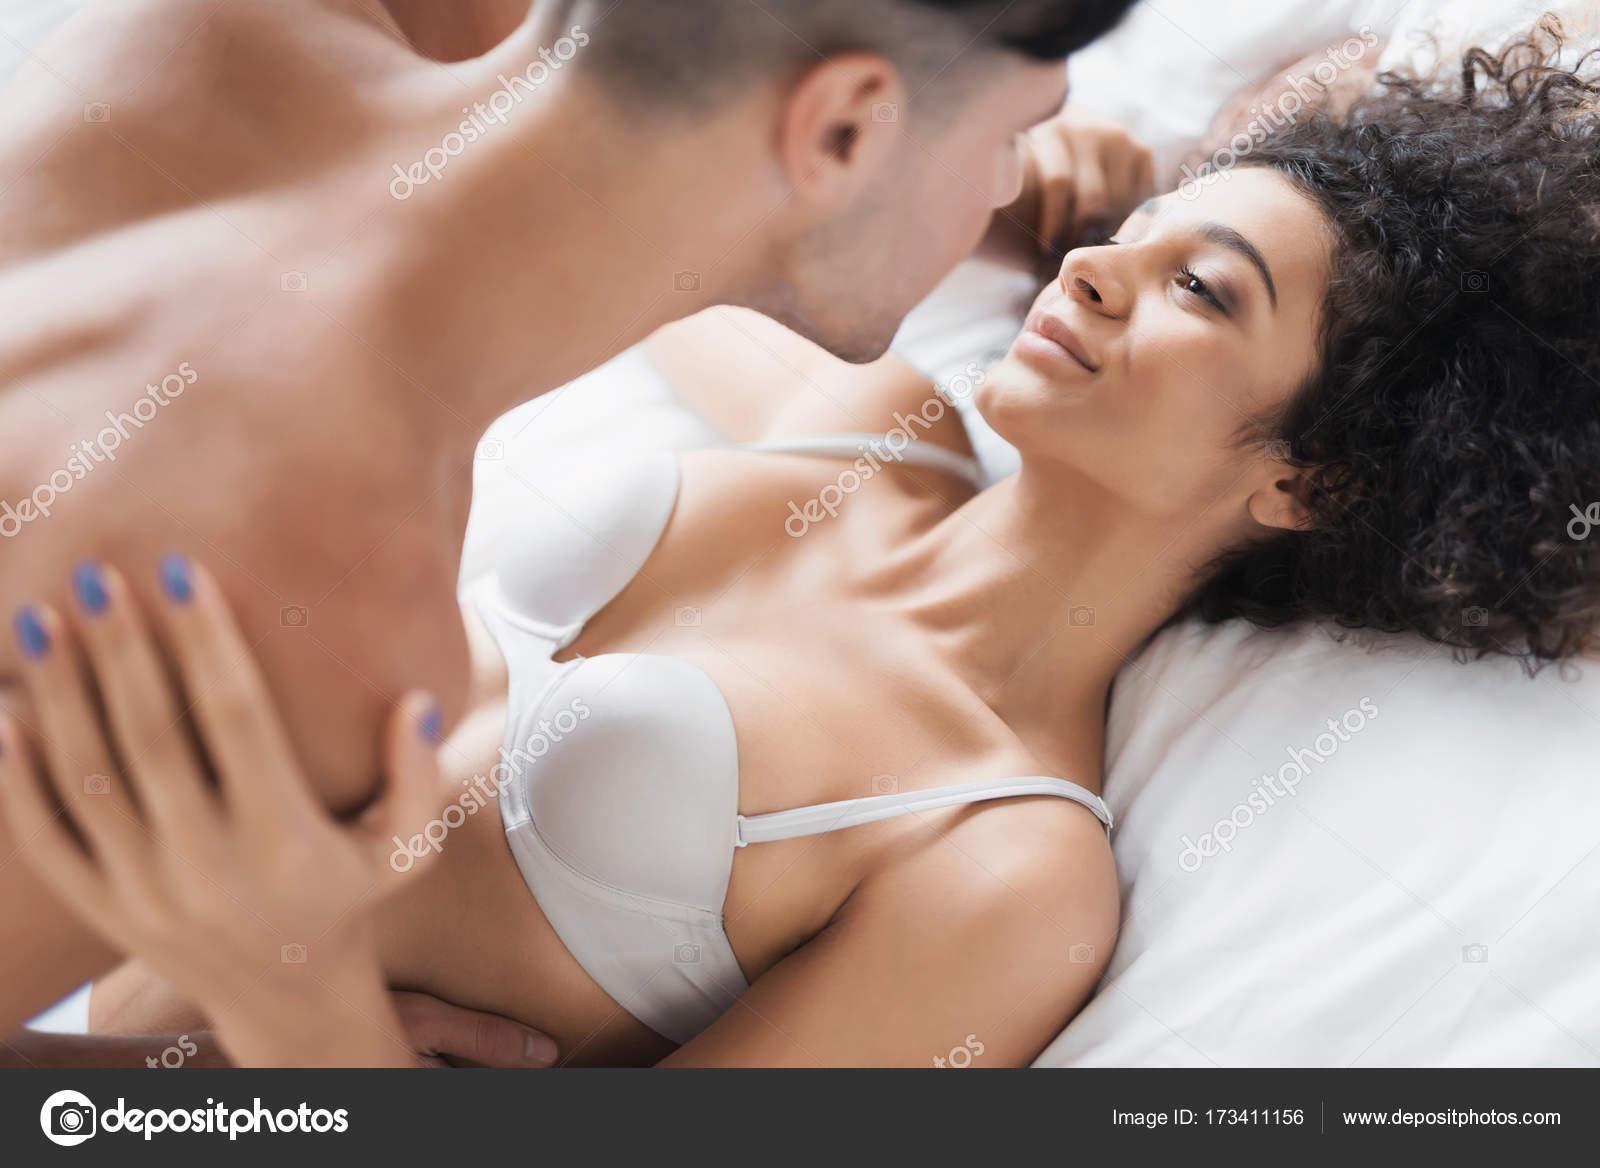 Картинки о любви сексуальности нежности